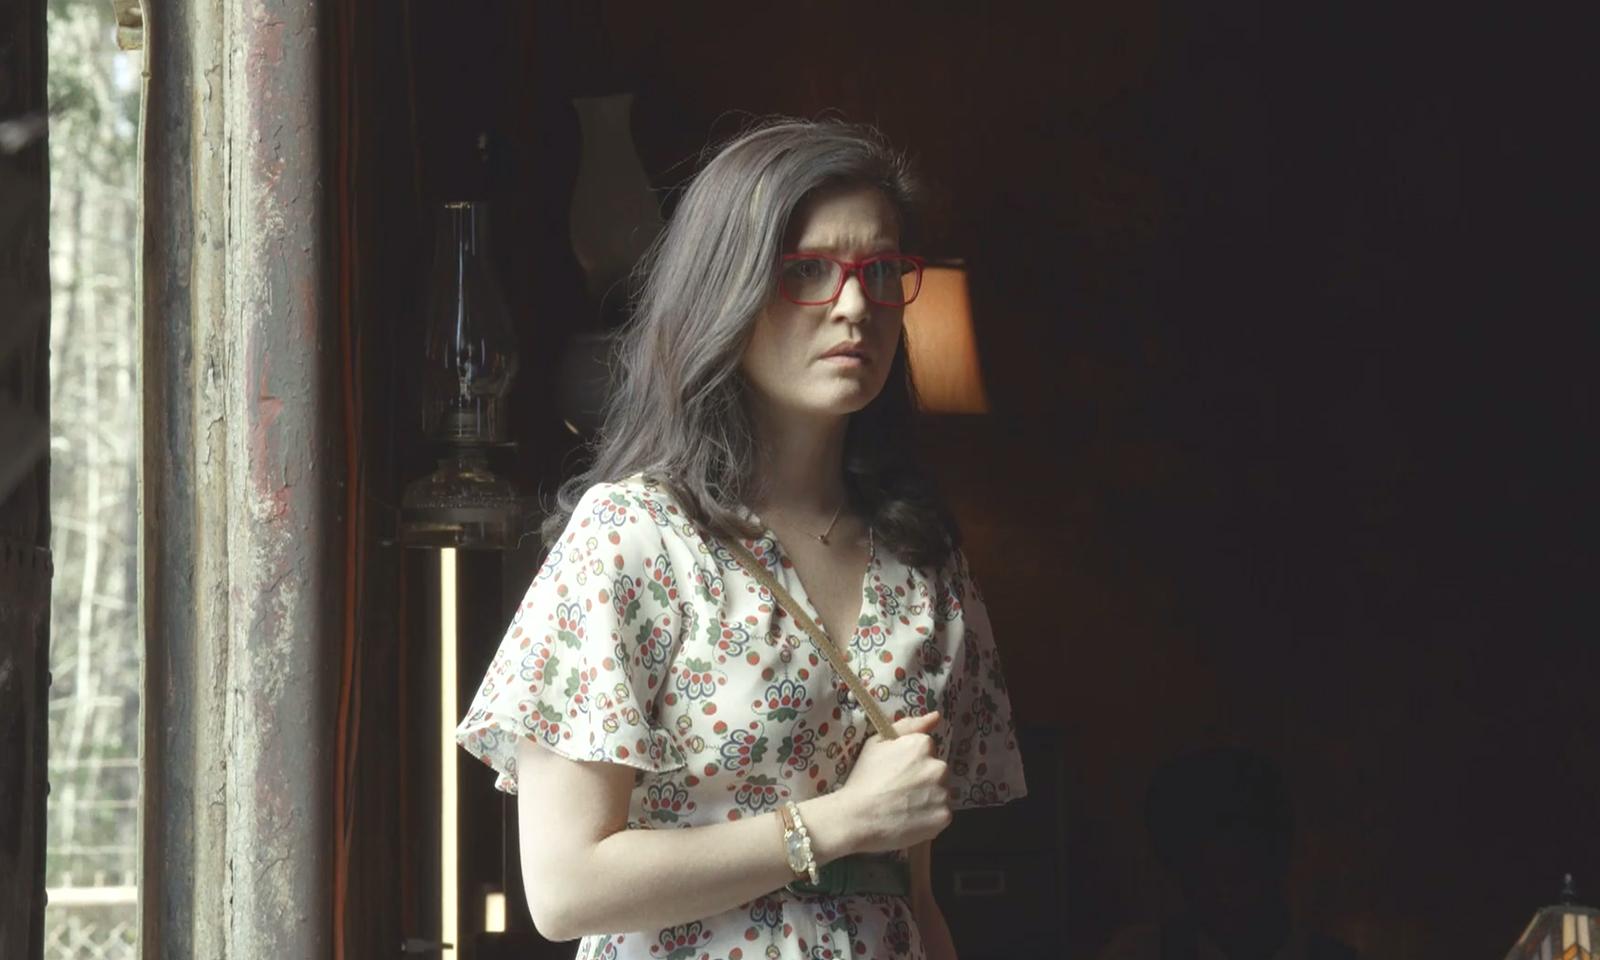 Mulher identificada como Stephanie no episódio 2 da 11ª temporada de The Walking Dead conhece Eugene